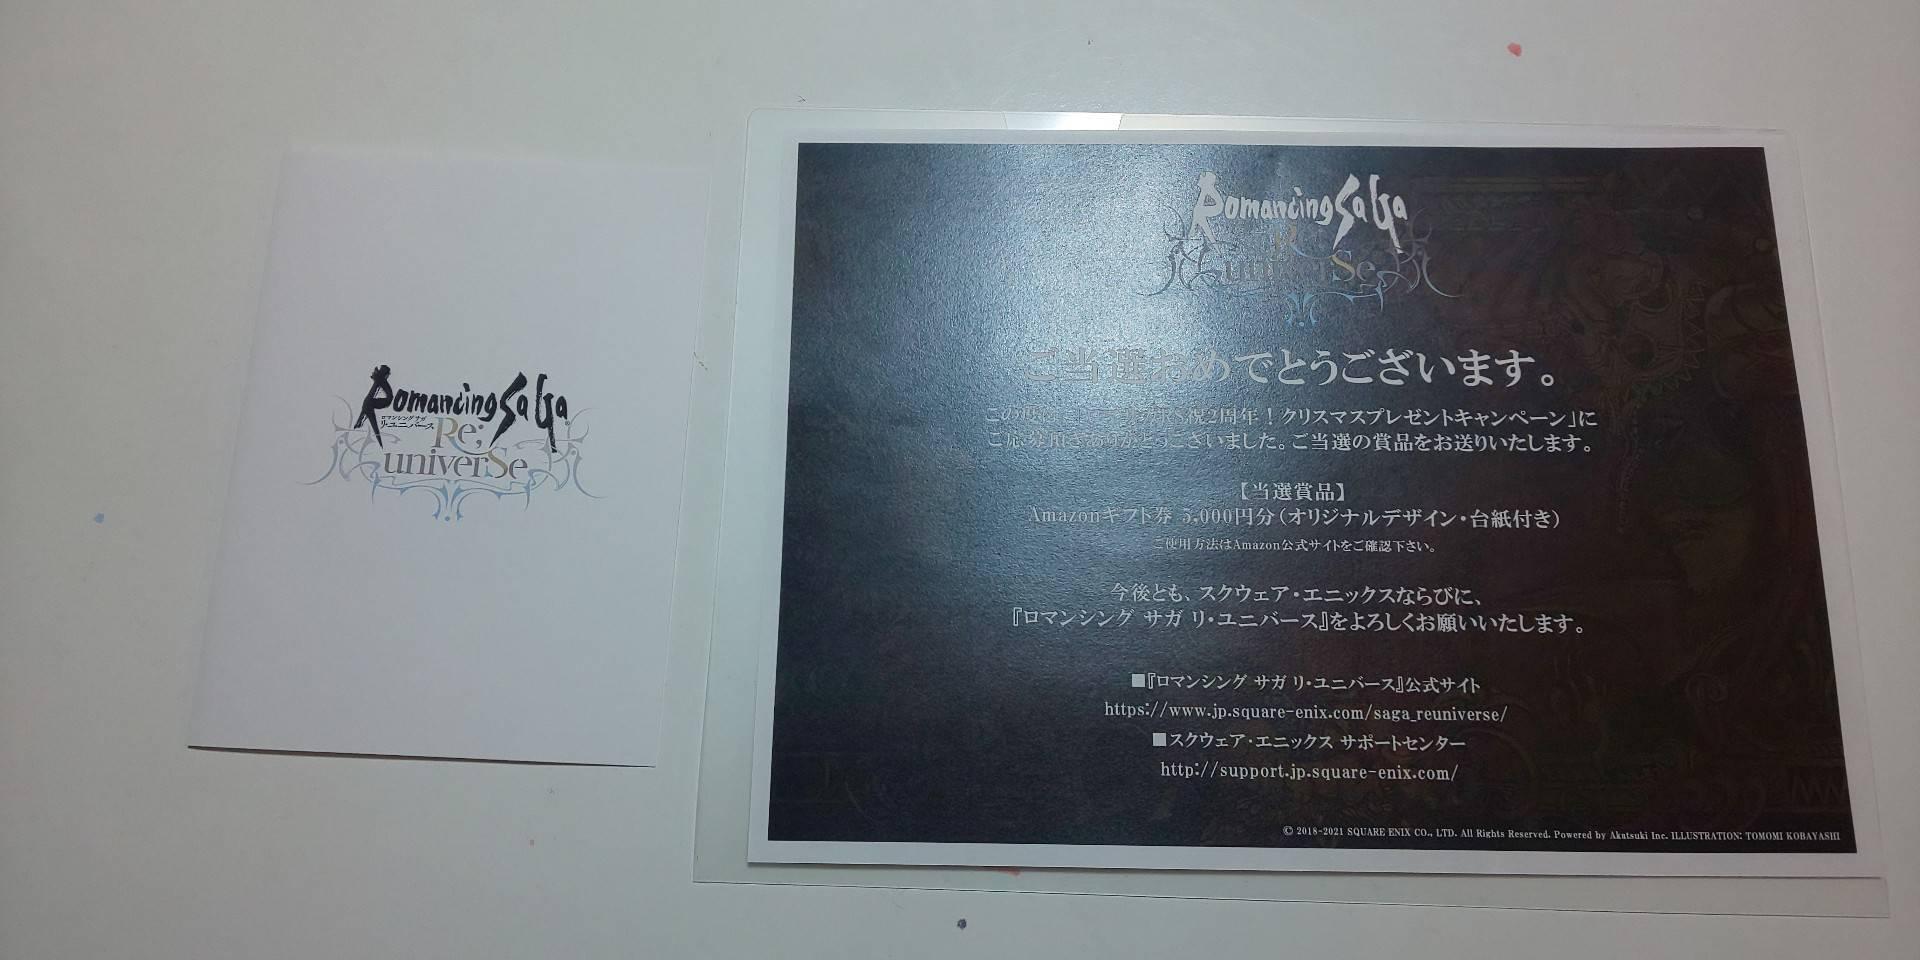 【ロマサガRS】キャンペーンのRS仕様のアマギフ届いた ← ええな!!